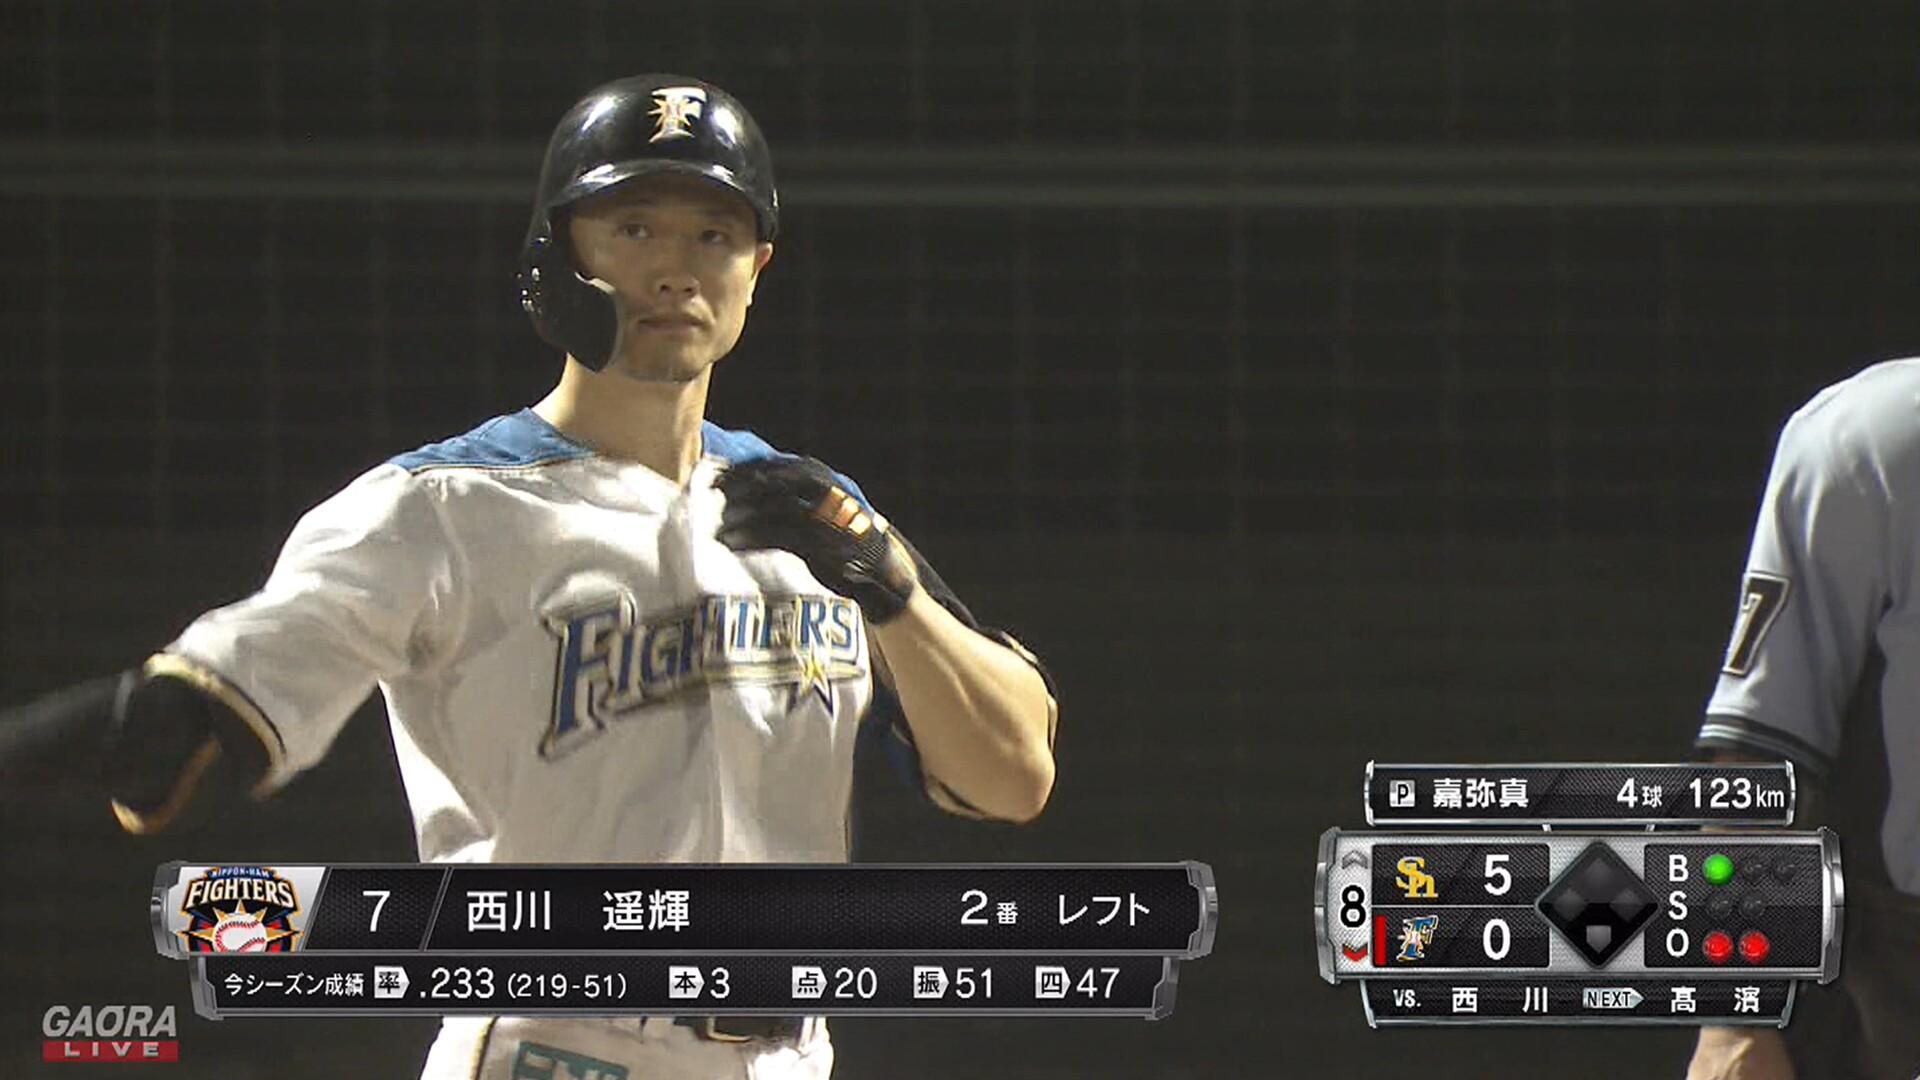 最下位低迷の日本ハム 中田翔だけでなく、西川遥輝も「もう厳しい」の指摘